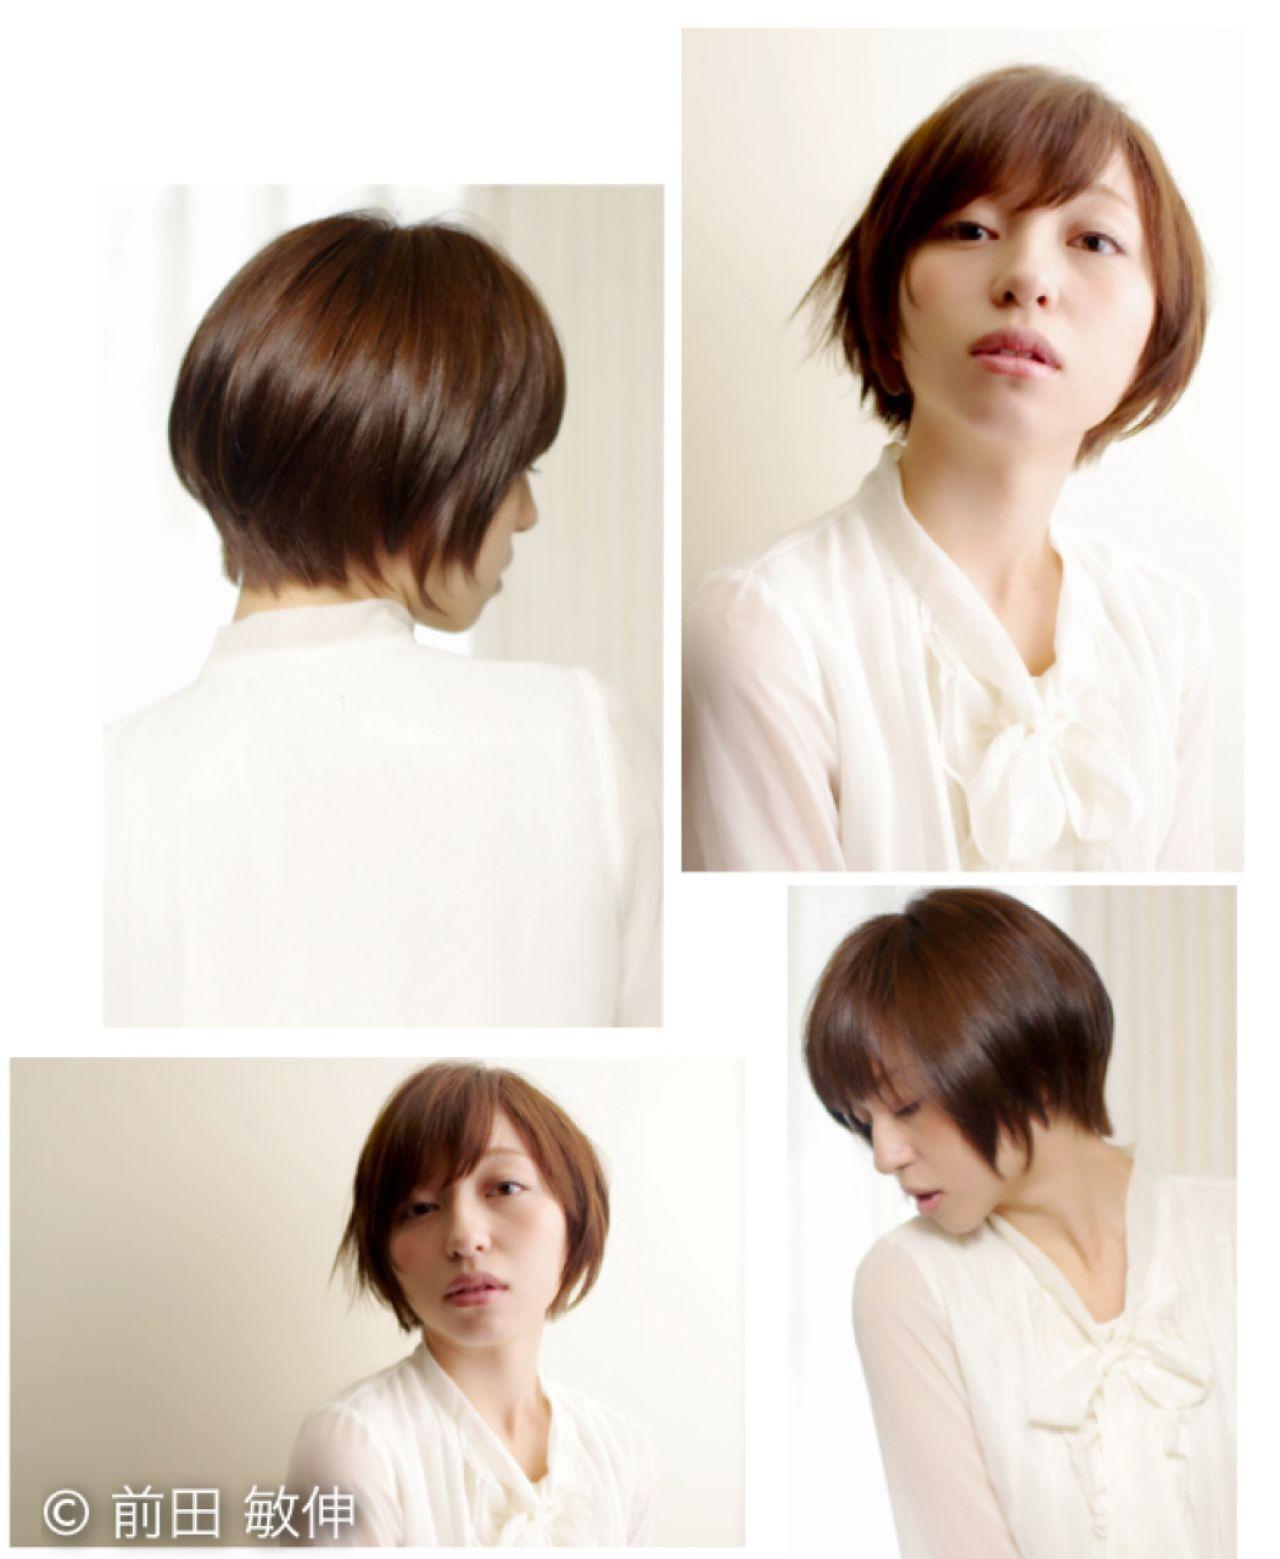 大人かわいい ナチュラル 小顔 ショートボブヘアスタイルや髪型の写真・画像